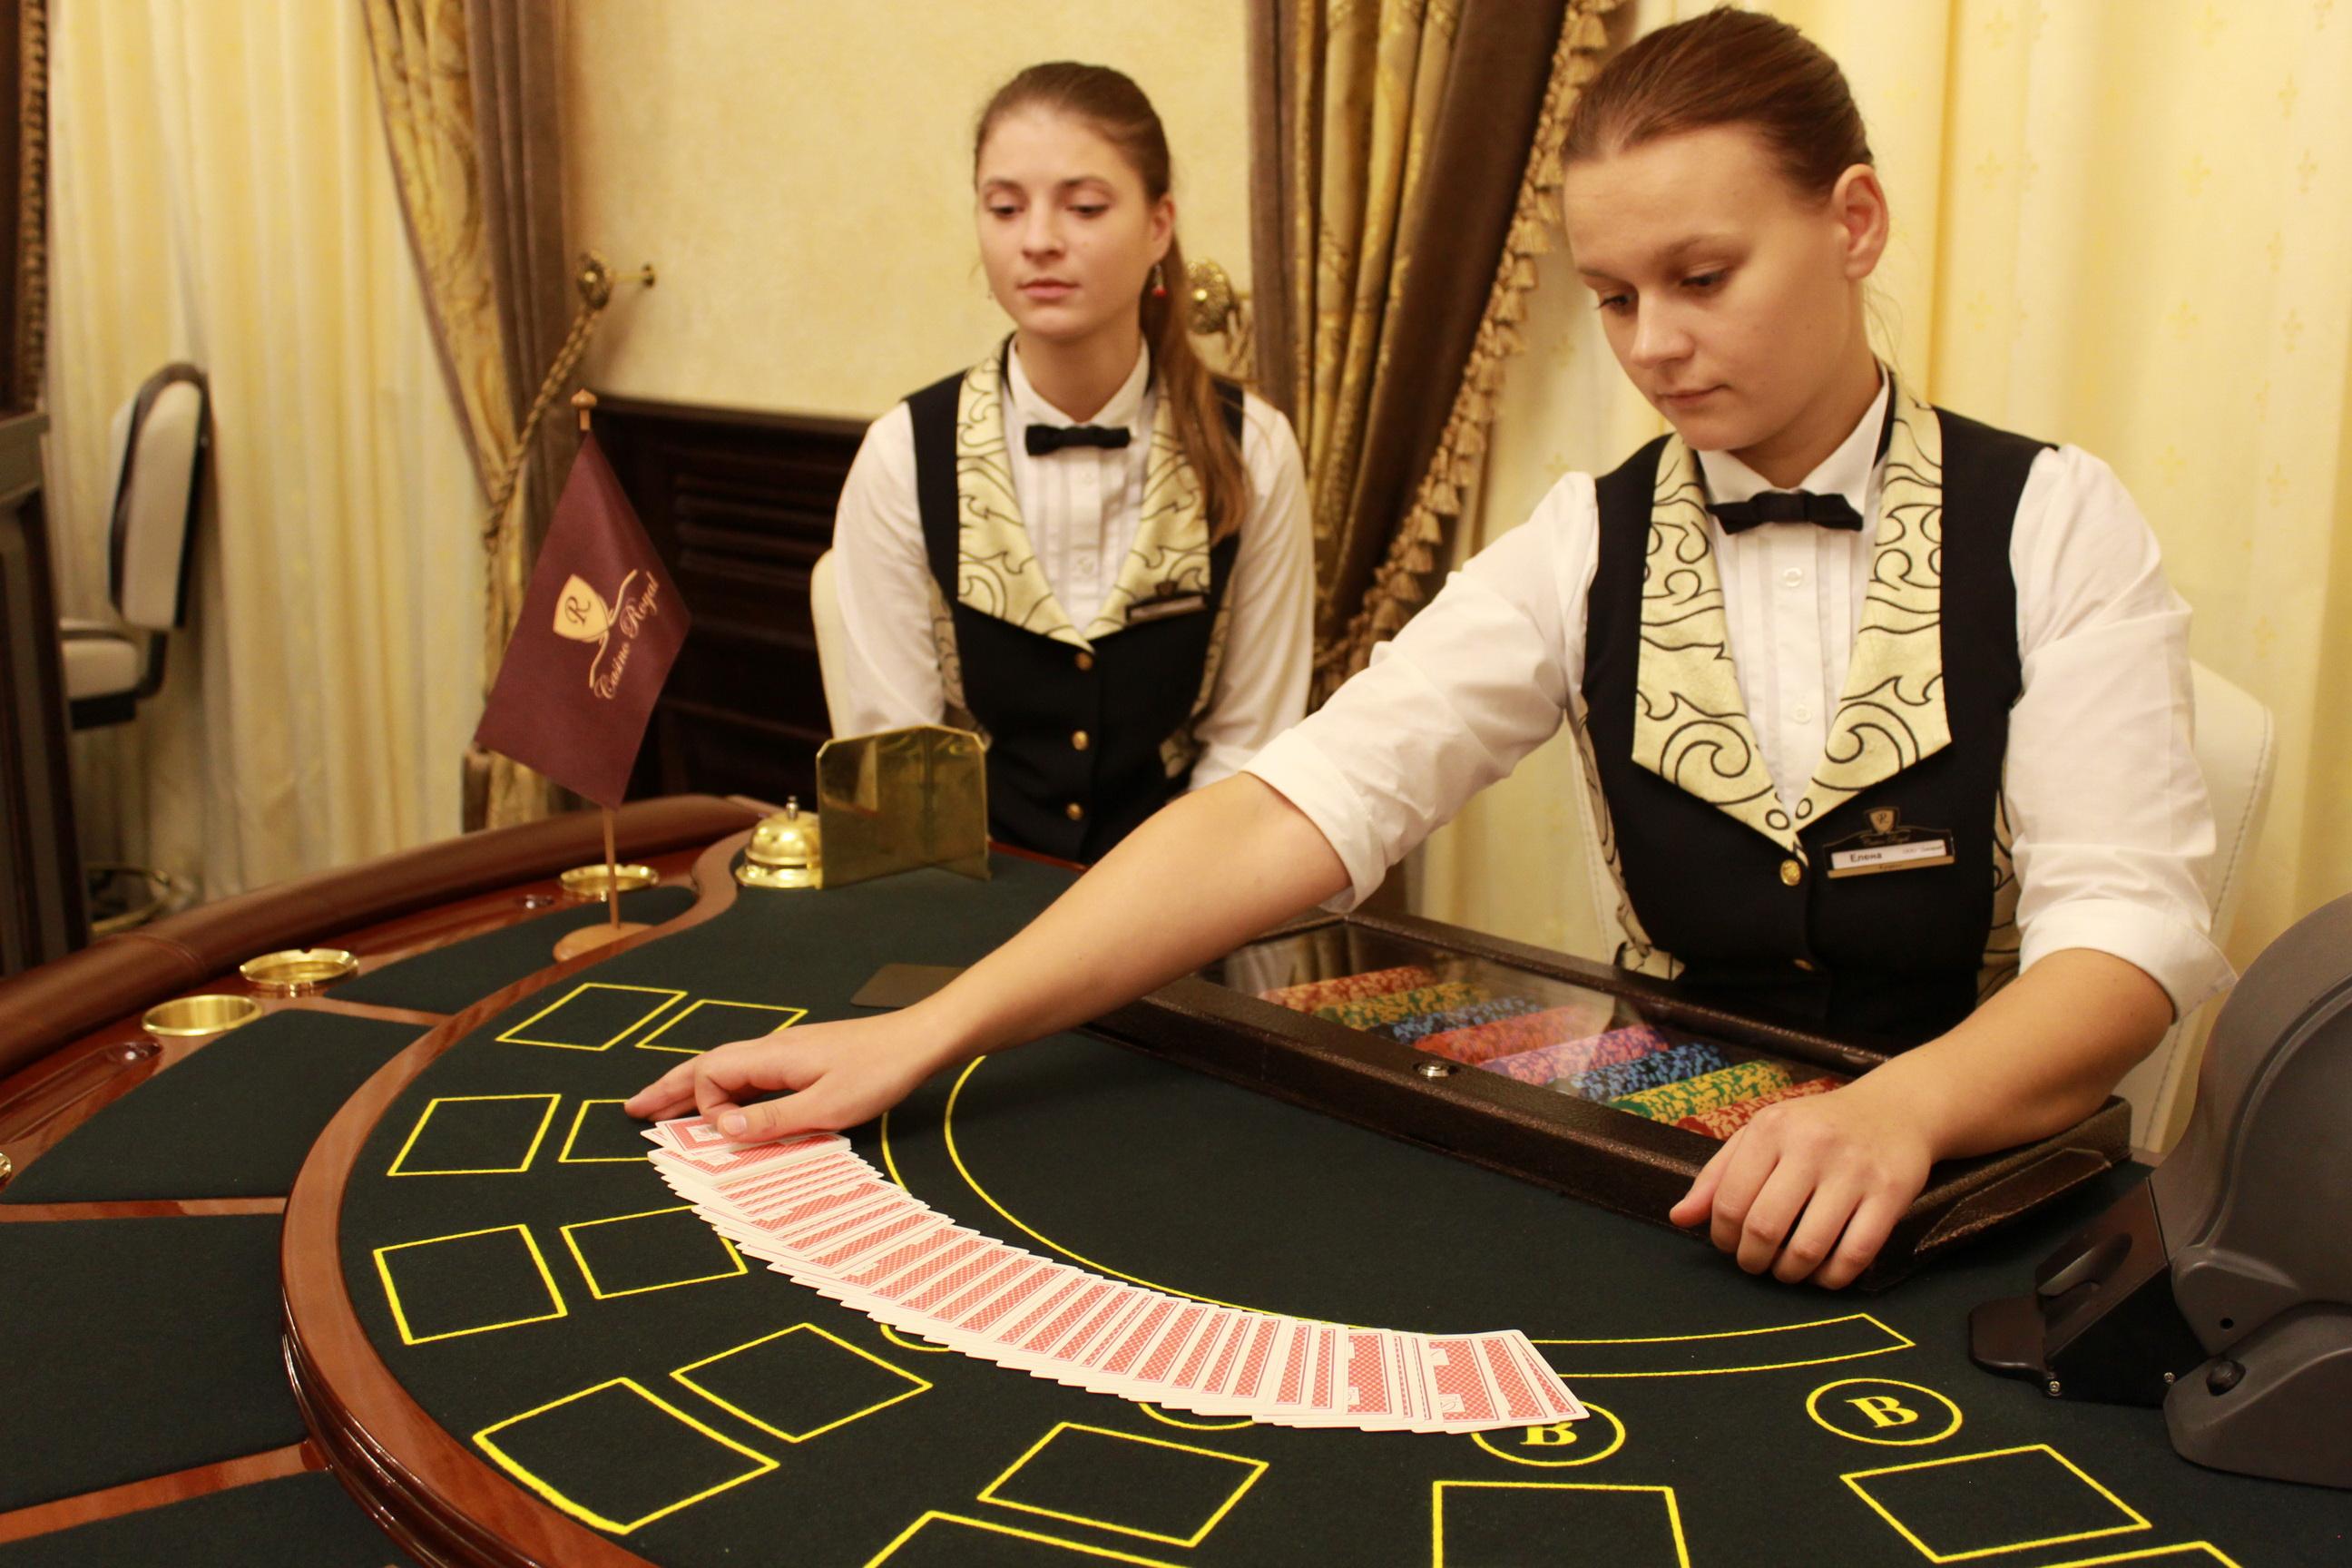 казино сочи вакансии крупье